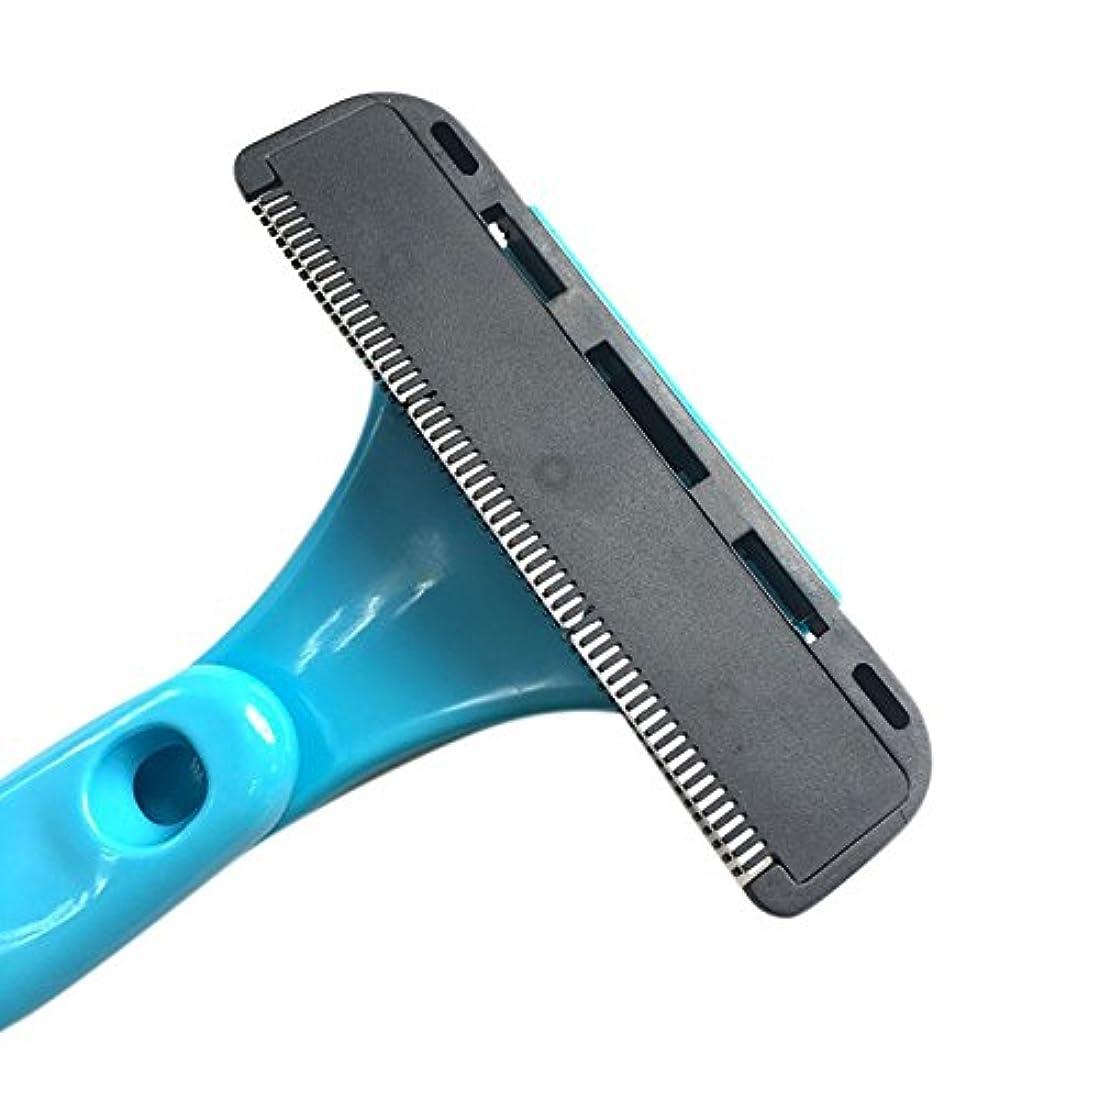 ひばりアスレチック戦略Liebeye 折りたたみ式 脱毛装置 絶妙な 手動剃刀 シェービング ヘッド 切削ヘッド